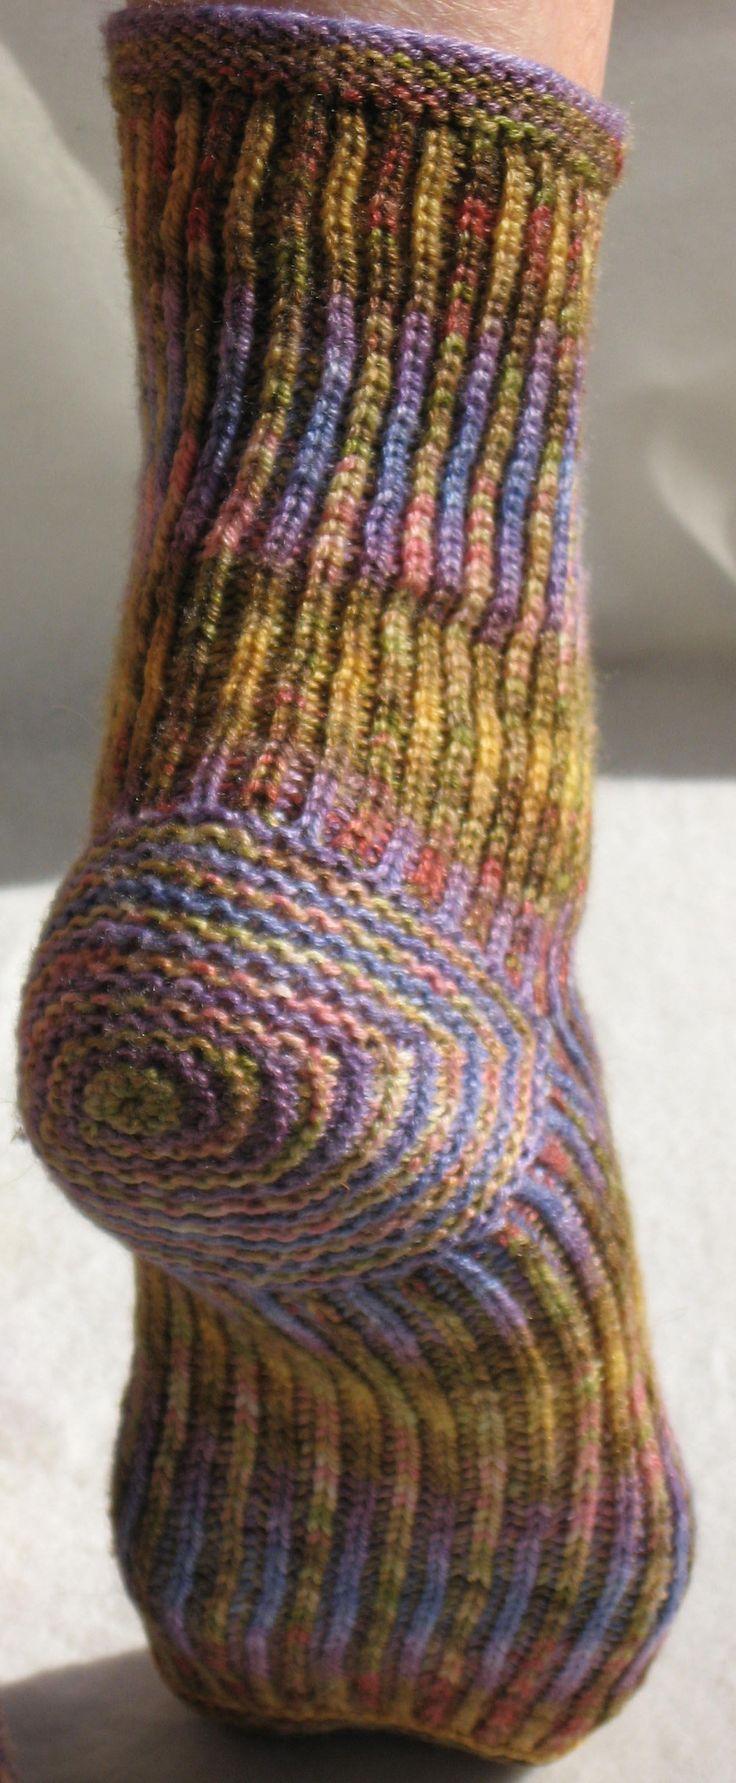 Pinwheel Socks from Knit One Below by Elise Duvekot  version of Brioche stitch